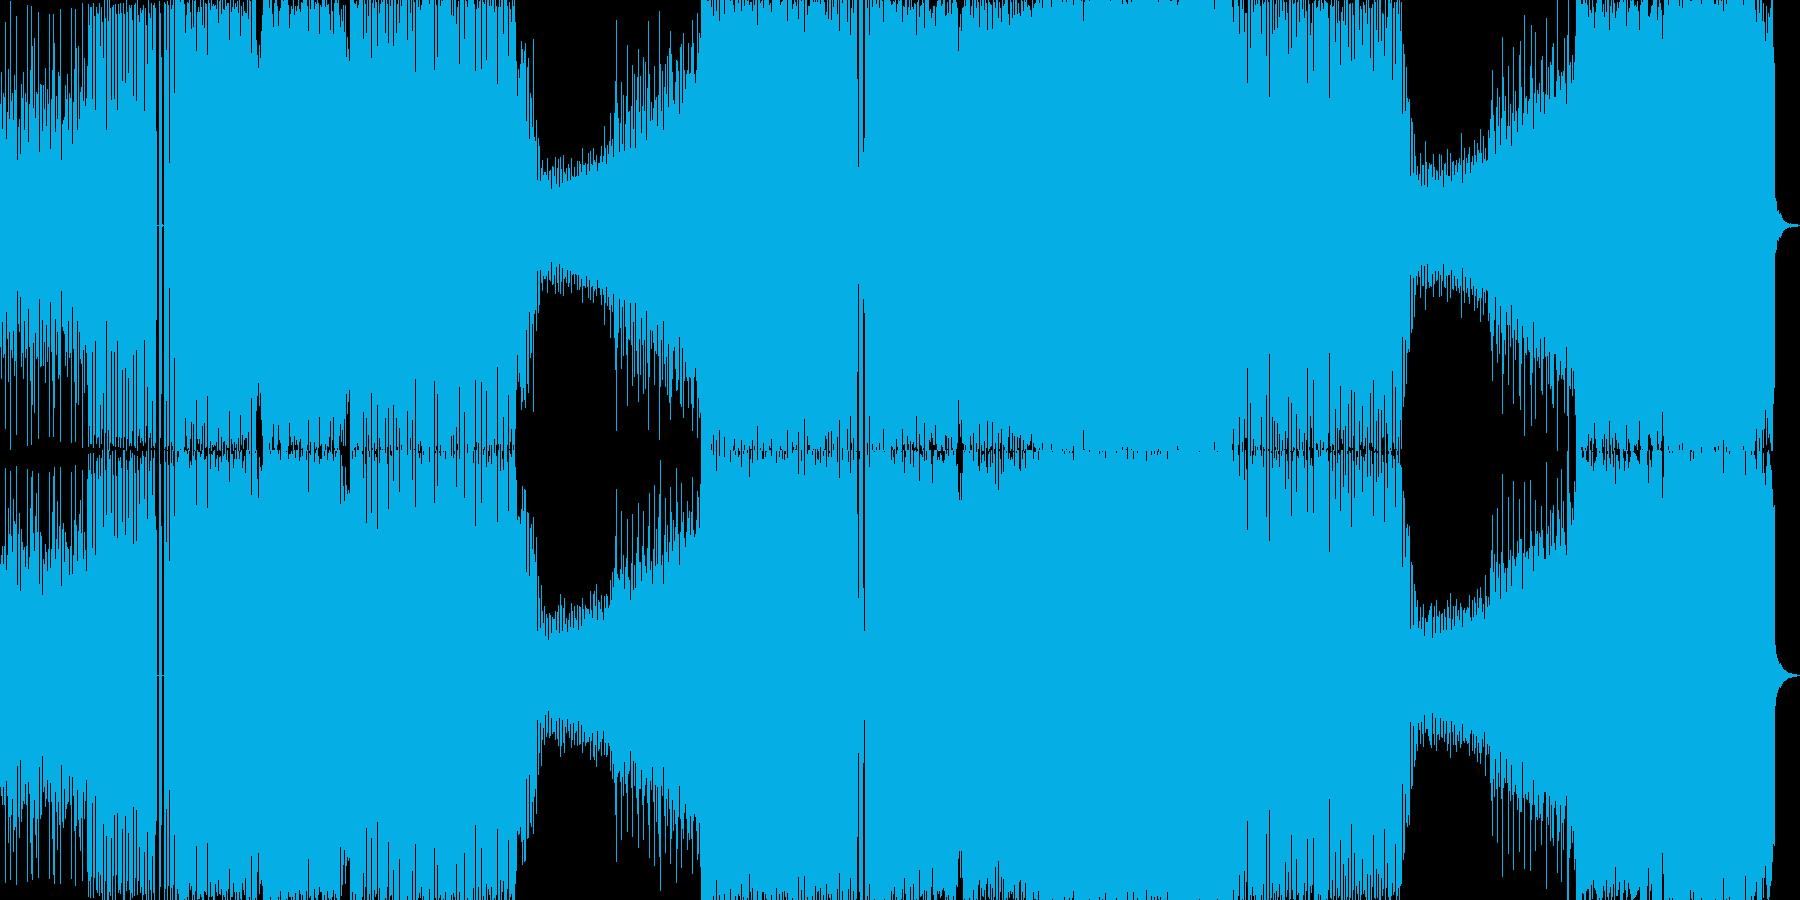 ドラマチックな展開のEDM系インストの再生済みの波形